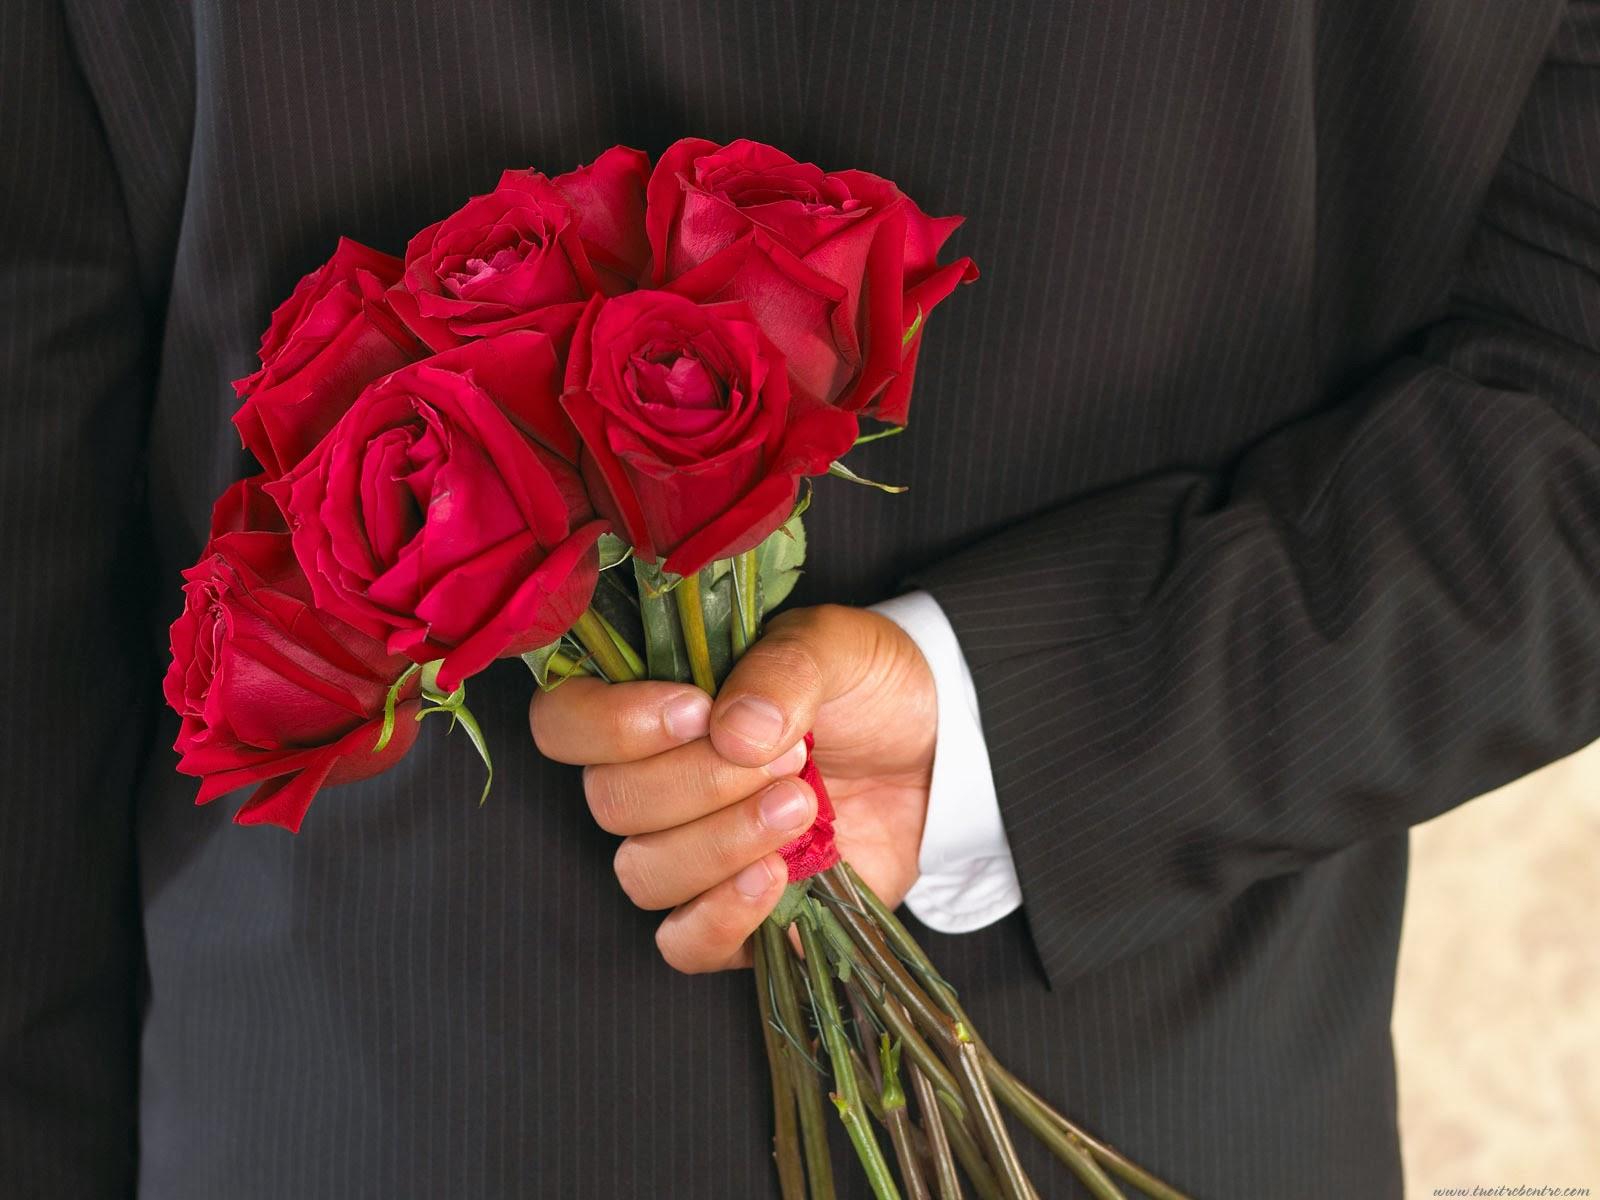 mừng ngày quốc tế phụ nữ, điện hoa hà nội